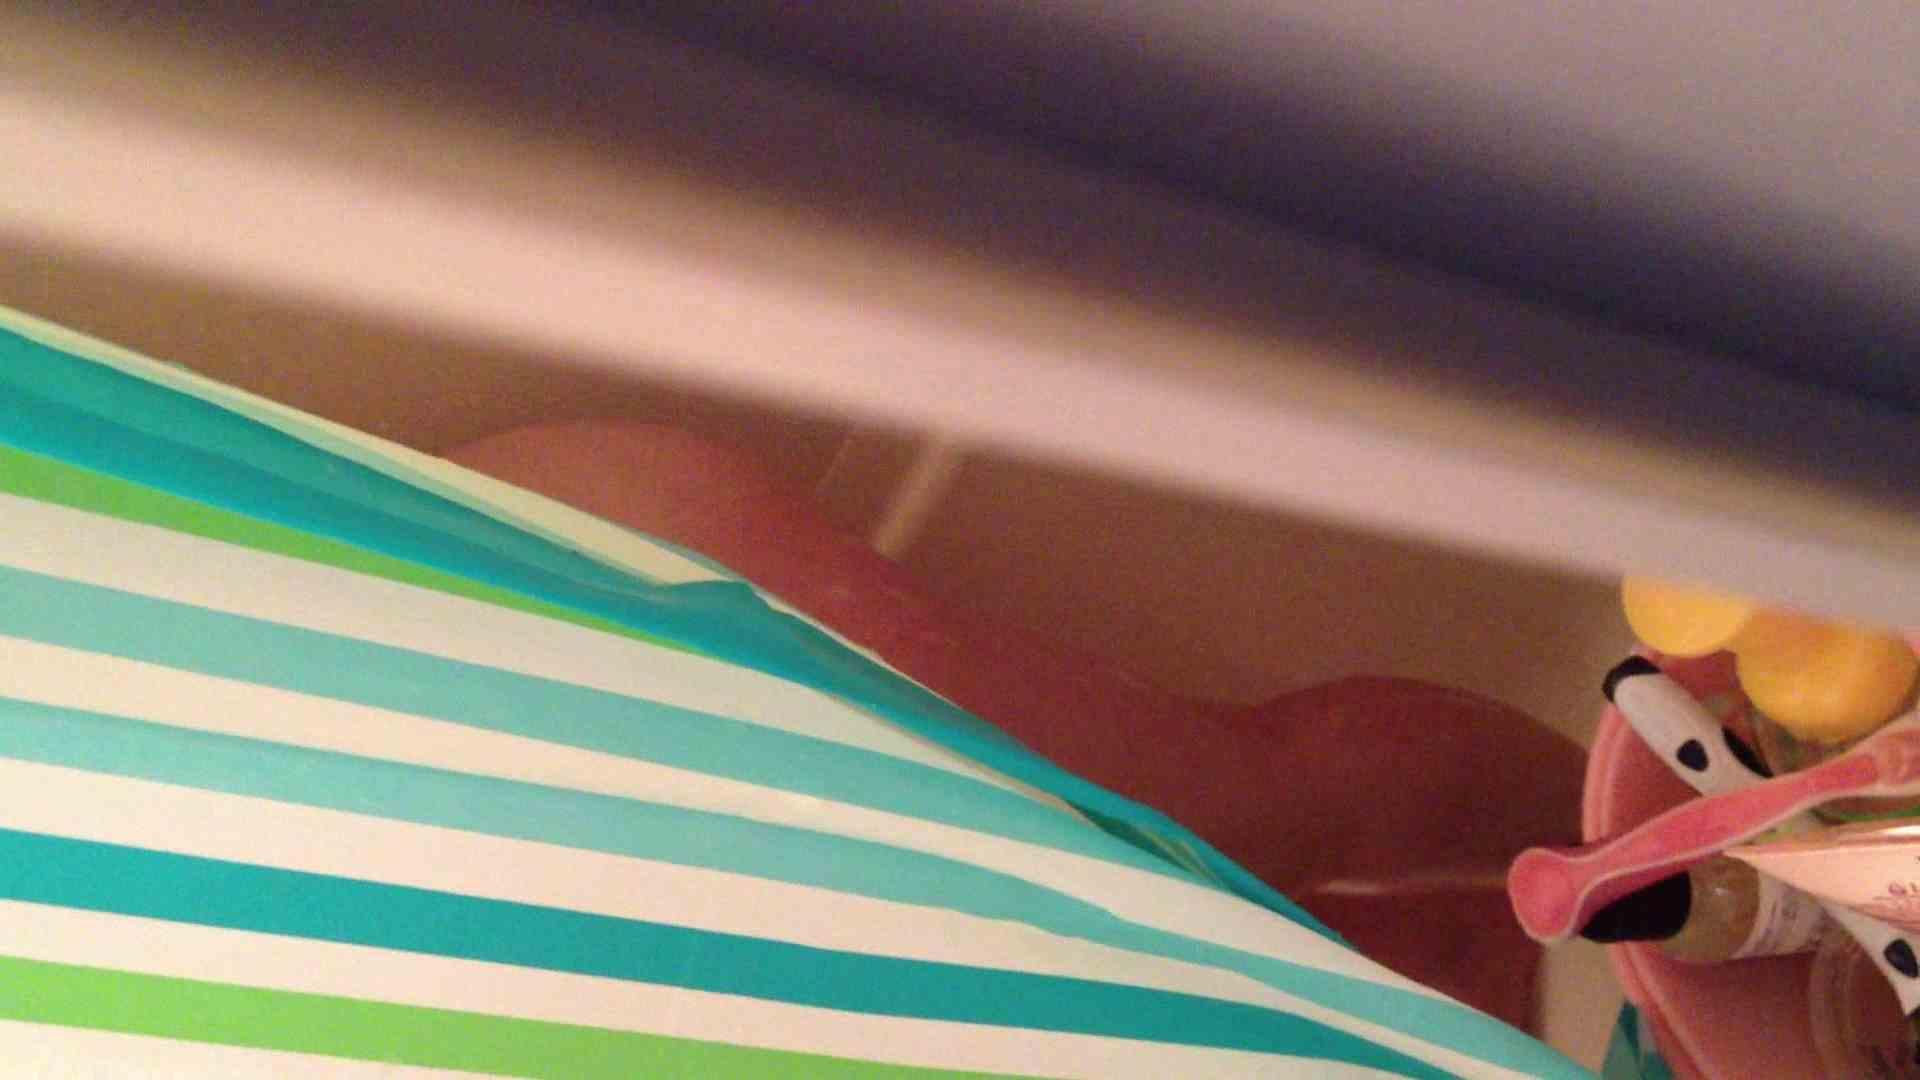 16(16日目)シャワー中にムダ毛処理をする彼女 シャワー 盗撮画像 94pic 44